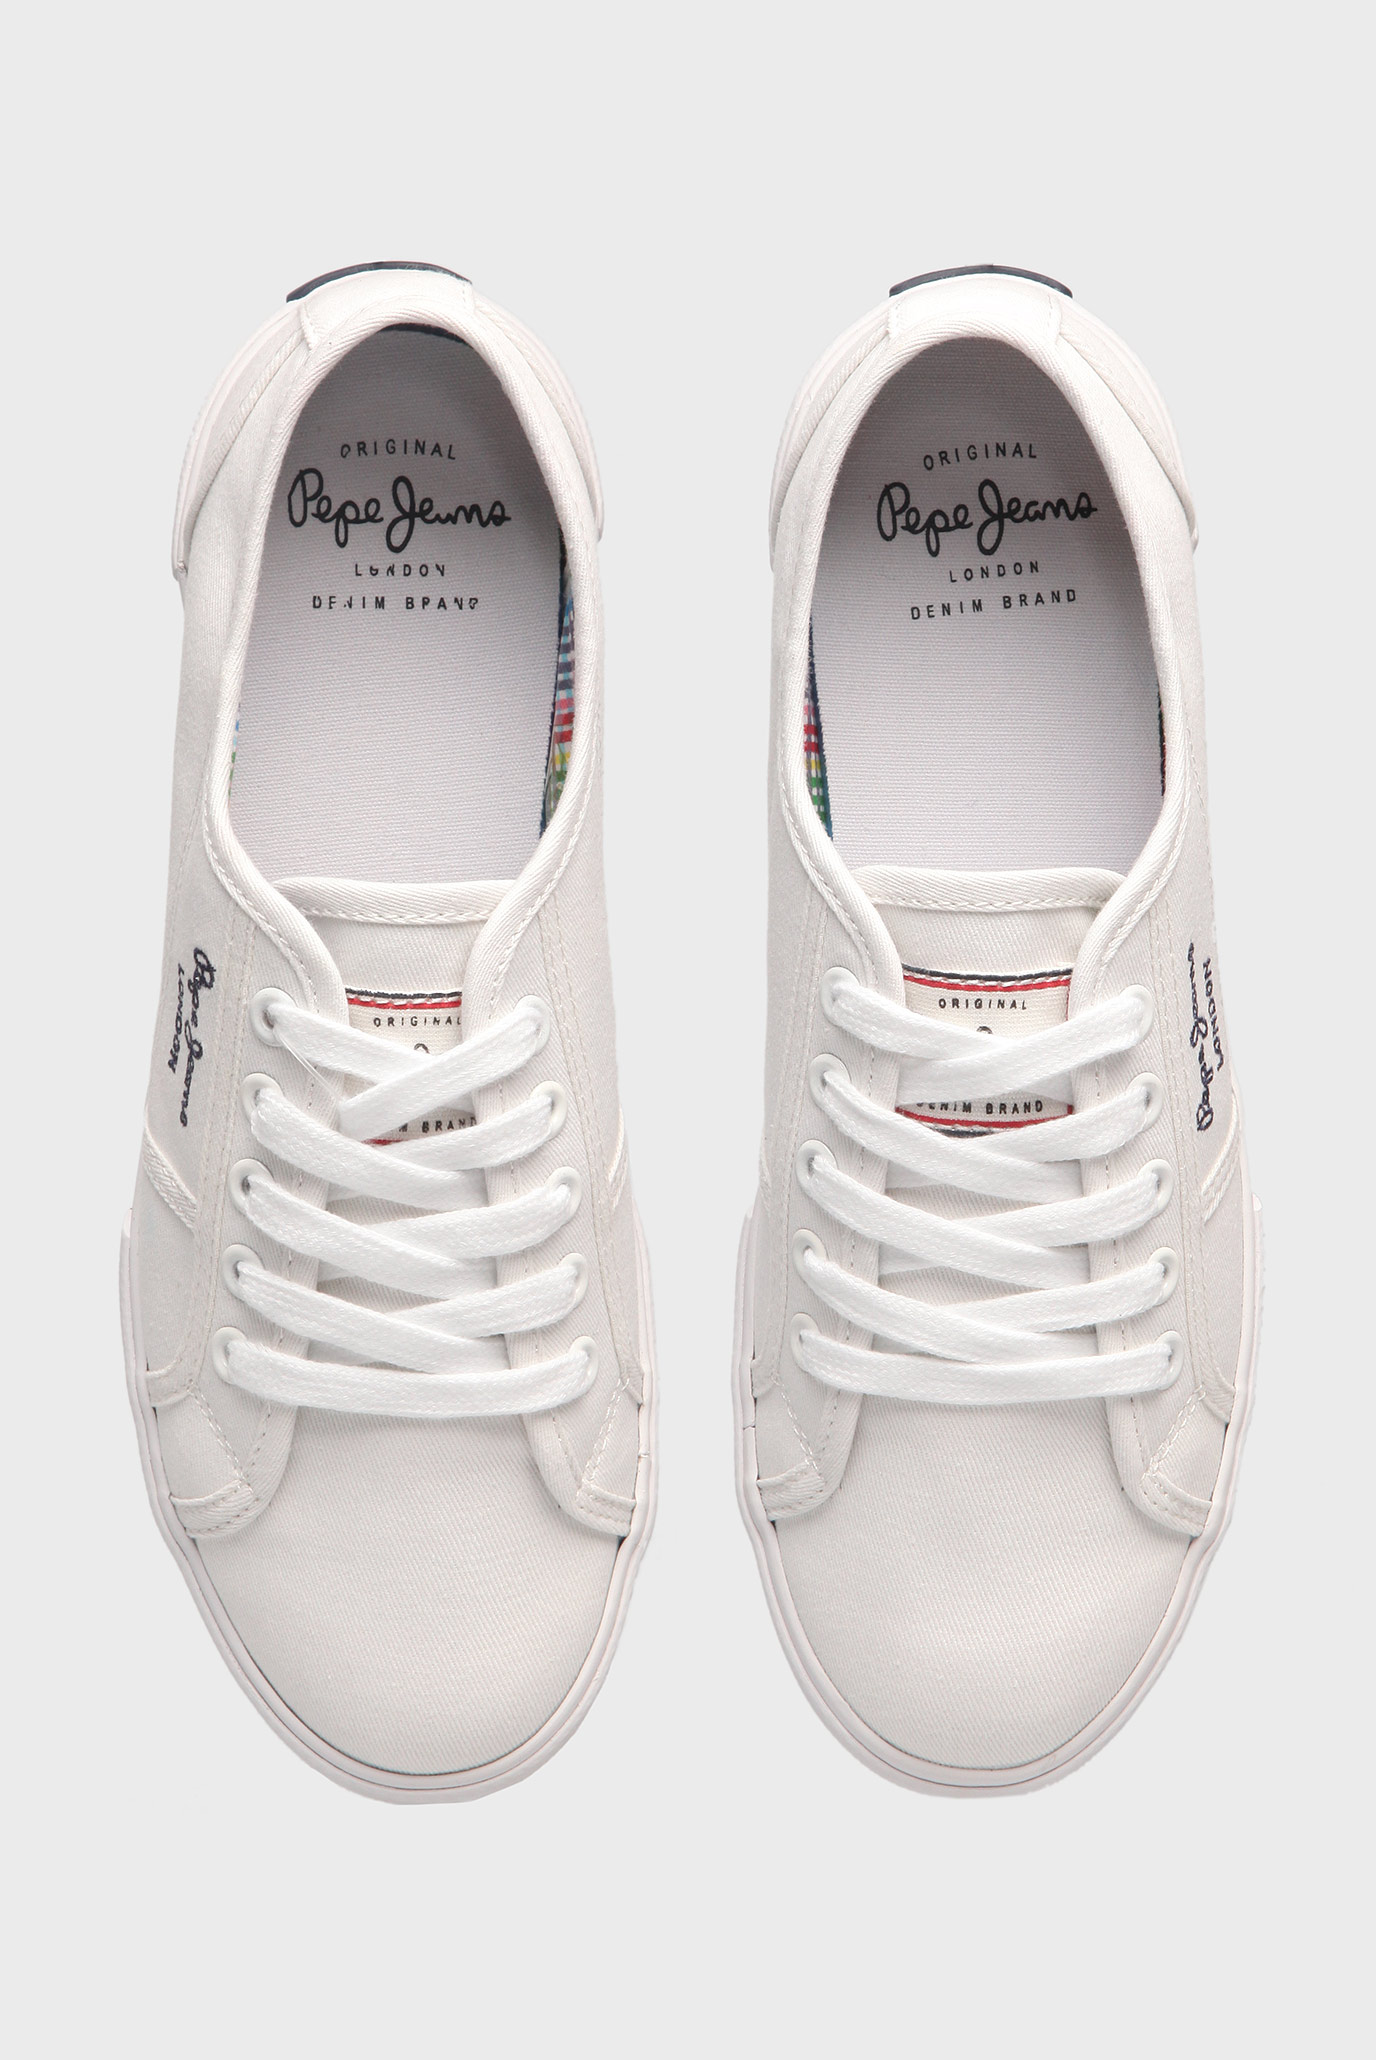 Купить Женские белые кеды Pepe Jeans Pepe Jeans PLS30500 – Киев ... 1ffdfc95051c9